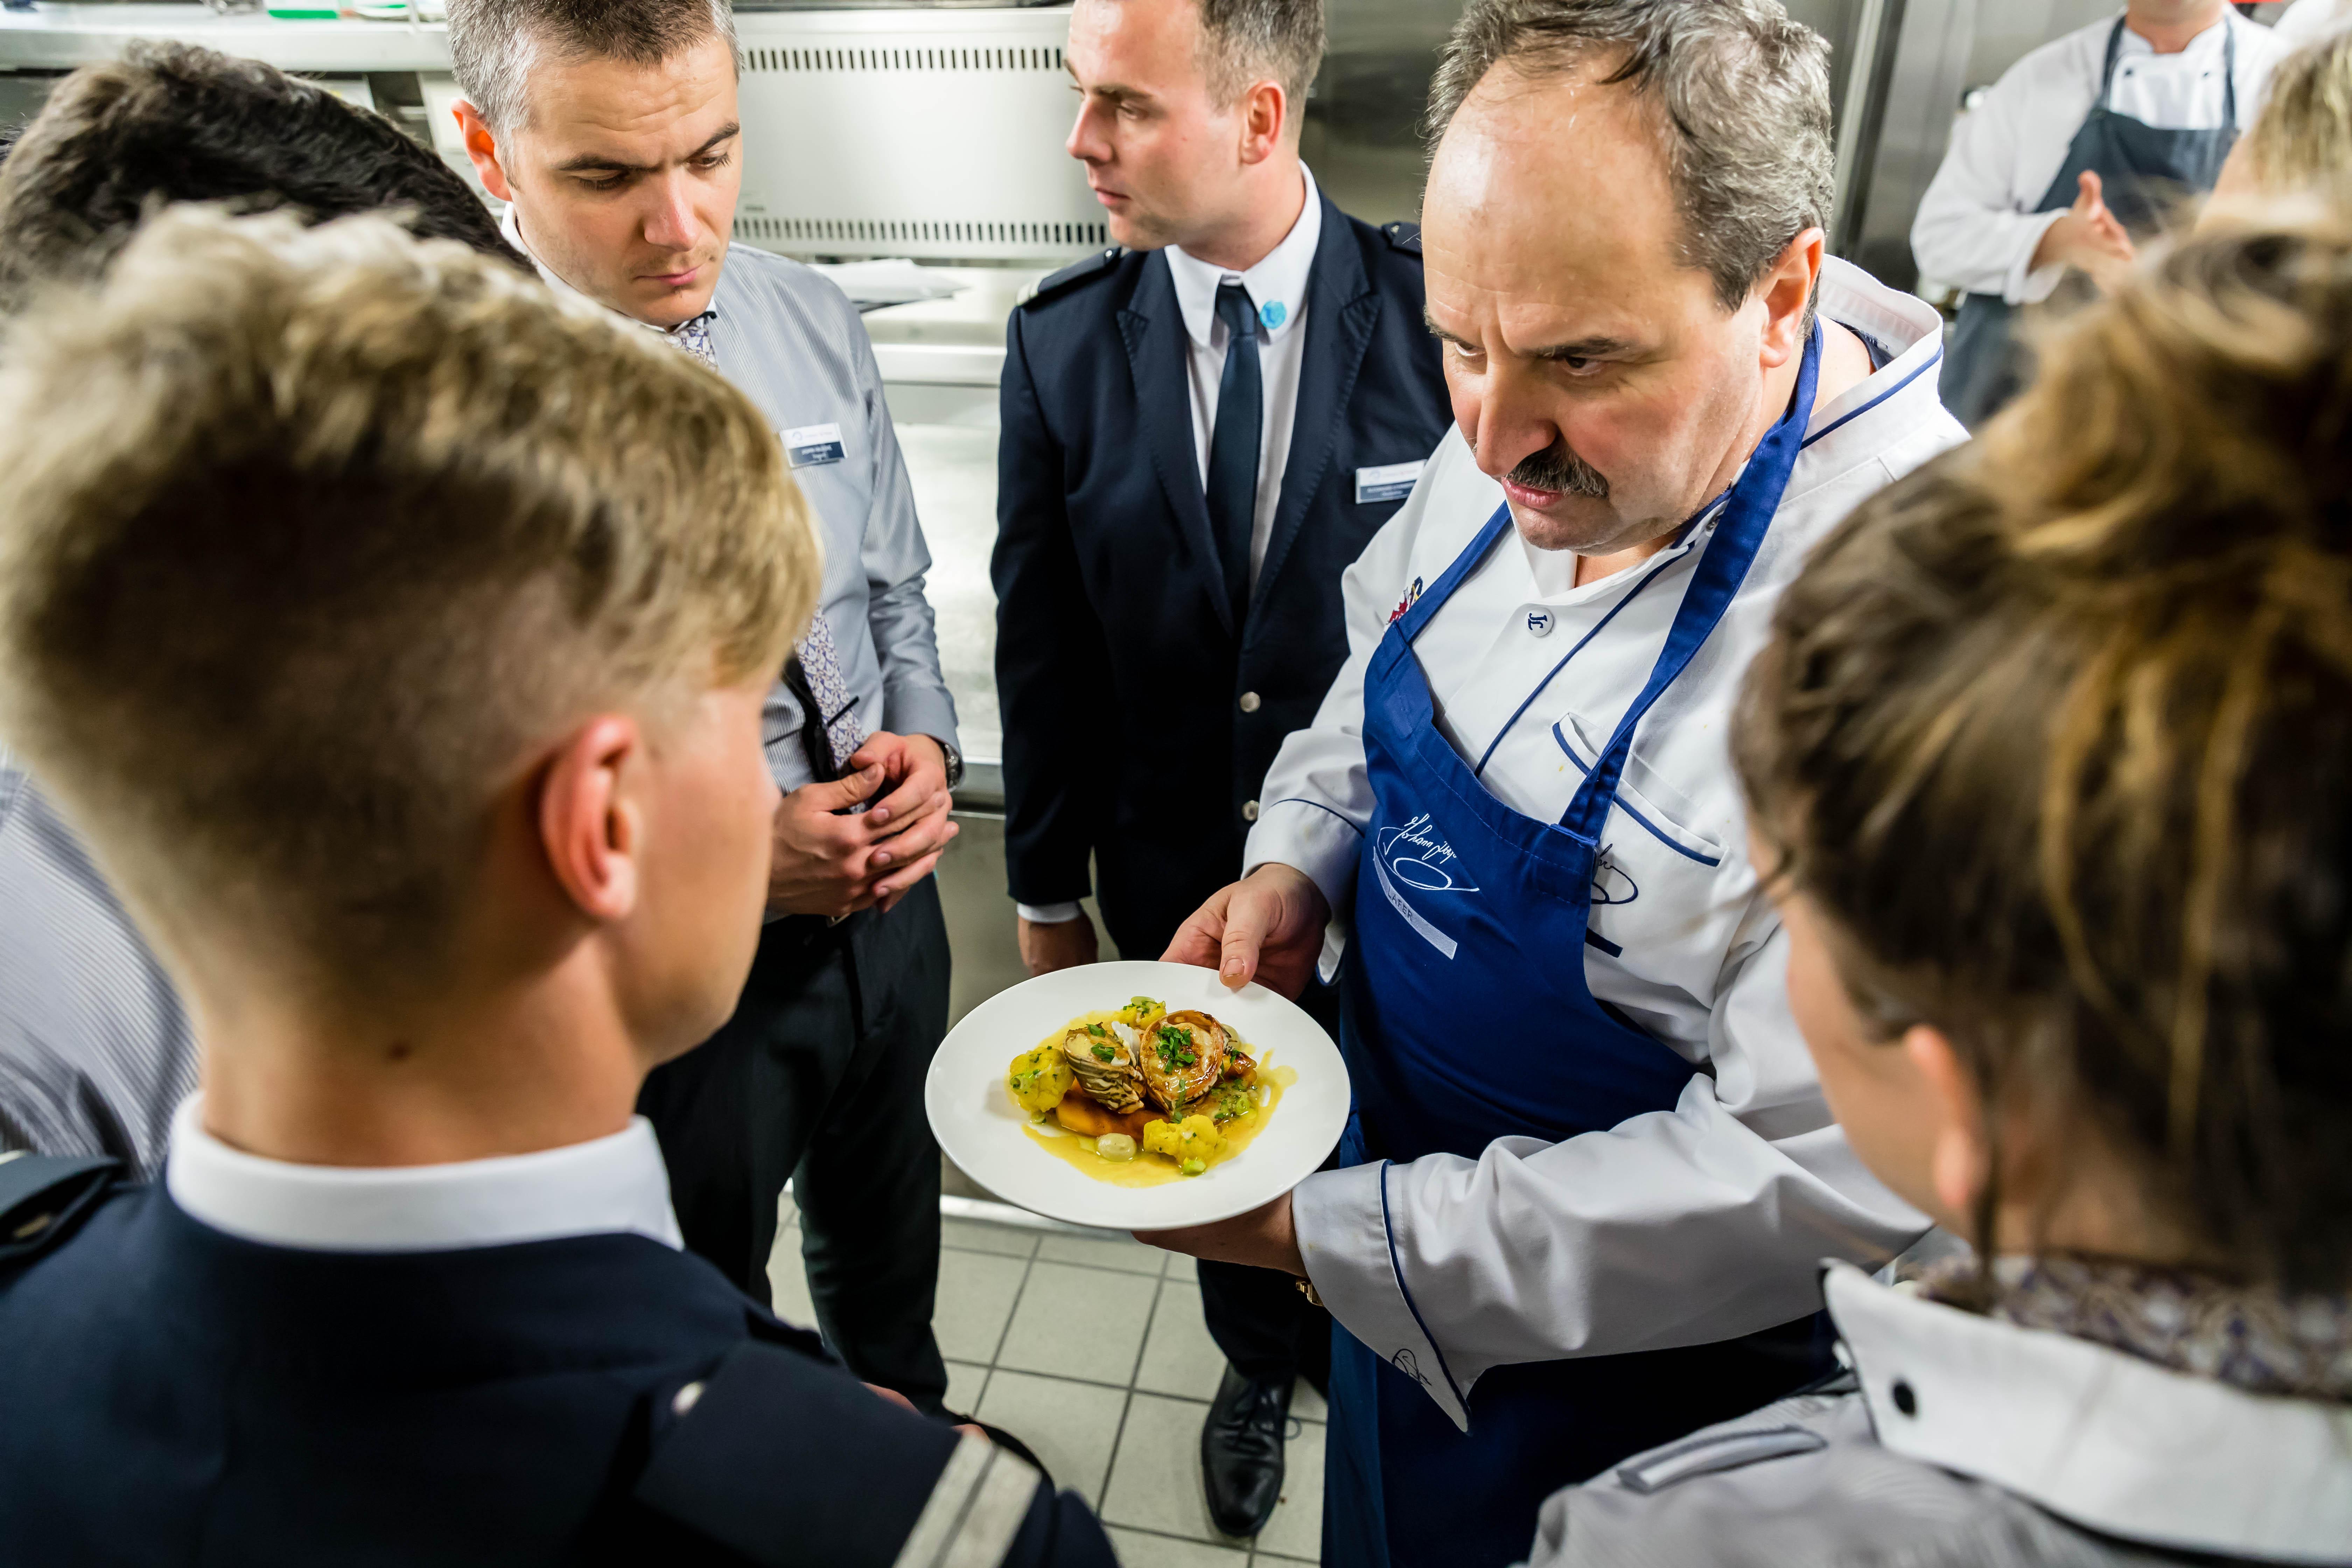 Mein Schiff Gastkoch Johann Lafer erklärt den Kellnern die Gerichte